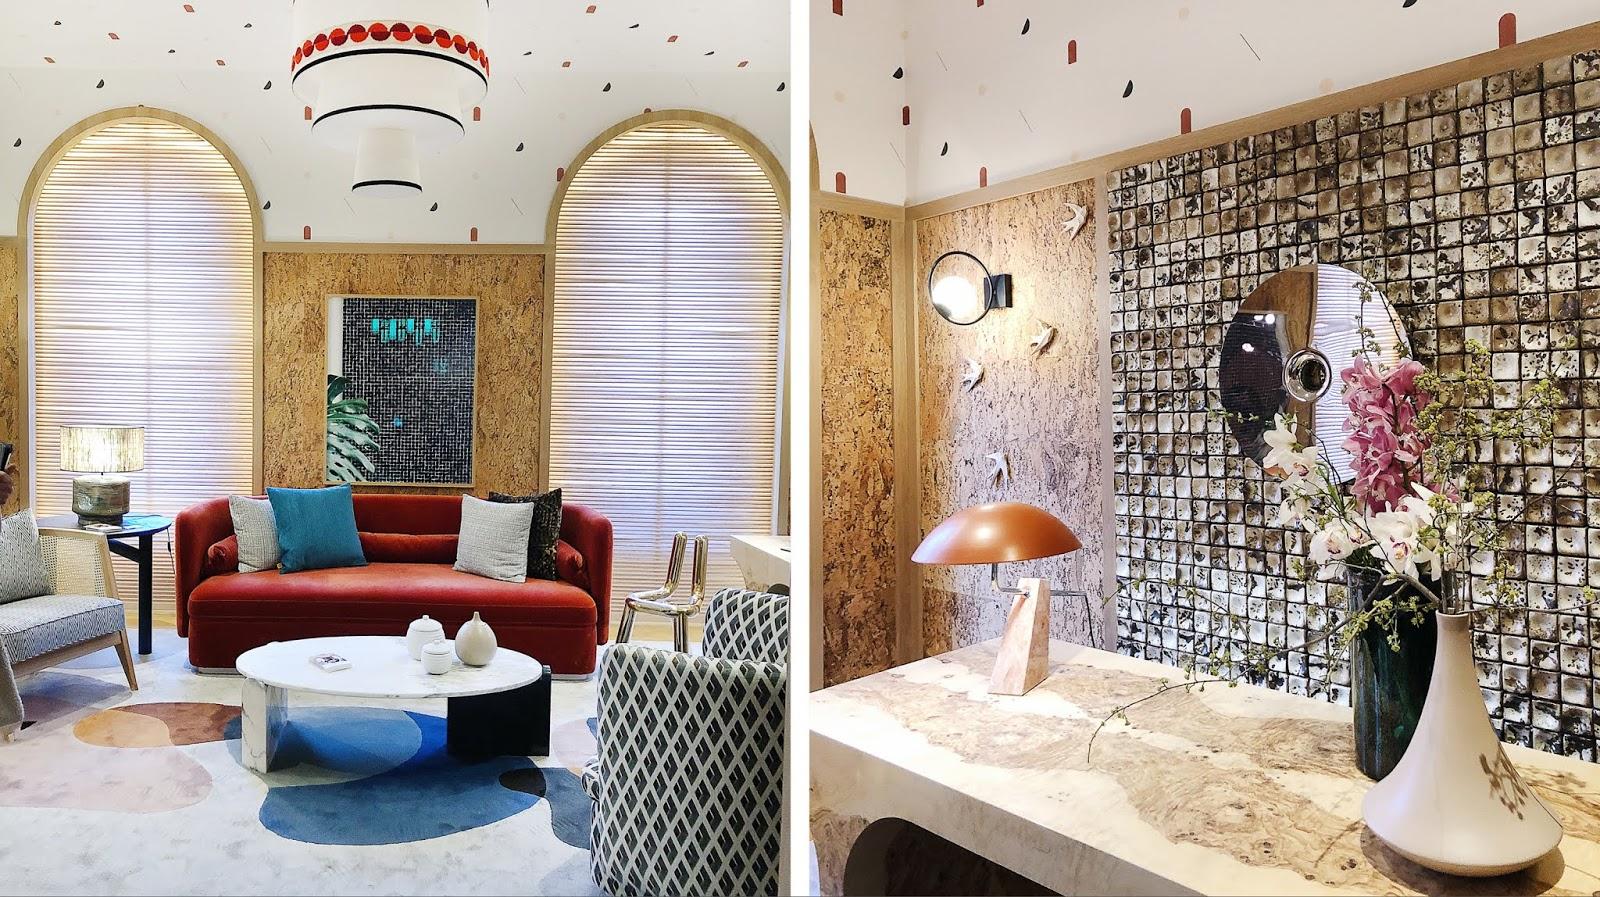 Erico Navazo, Interiorista español, interioristas en spana, Decoracion de interiores, decoracion de interiores espana, interior design spain, spain interior designers